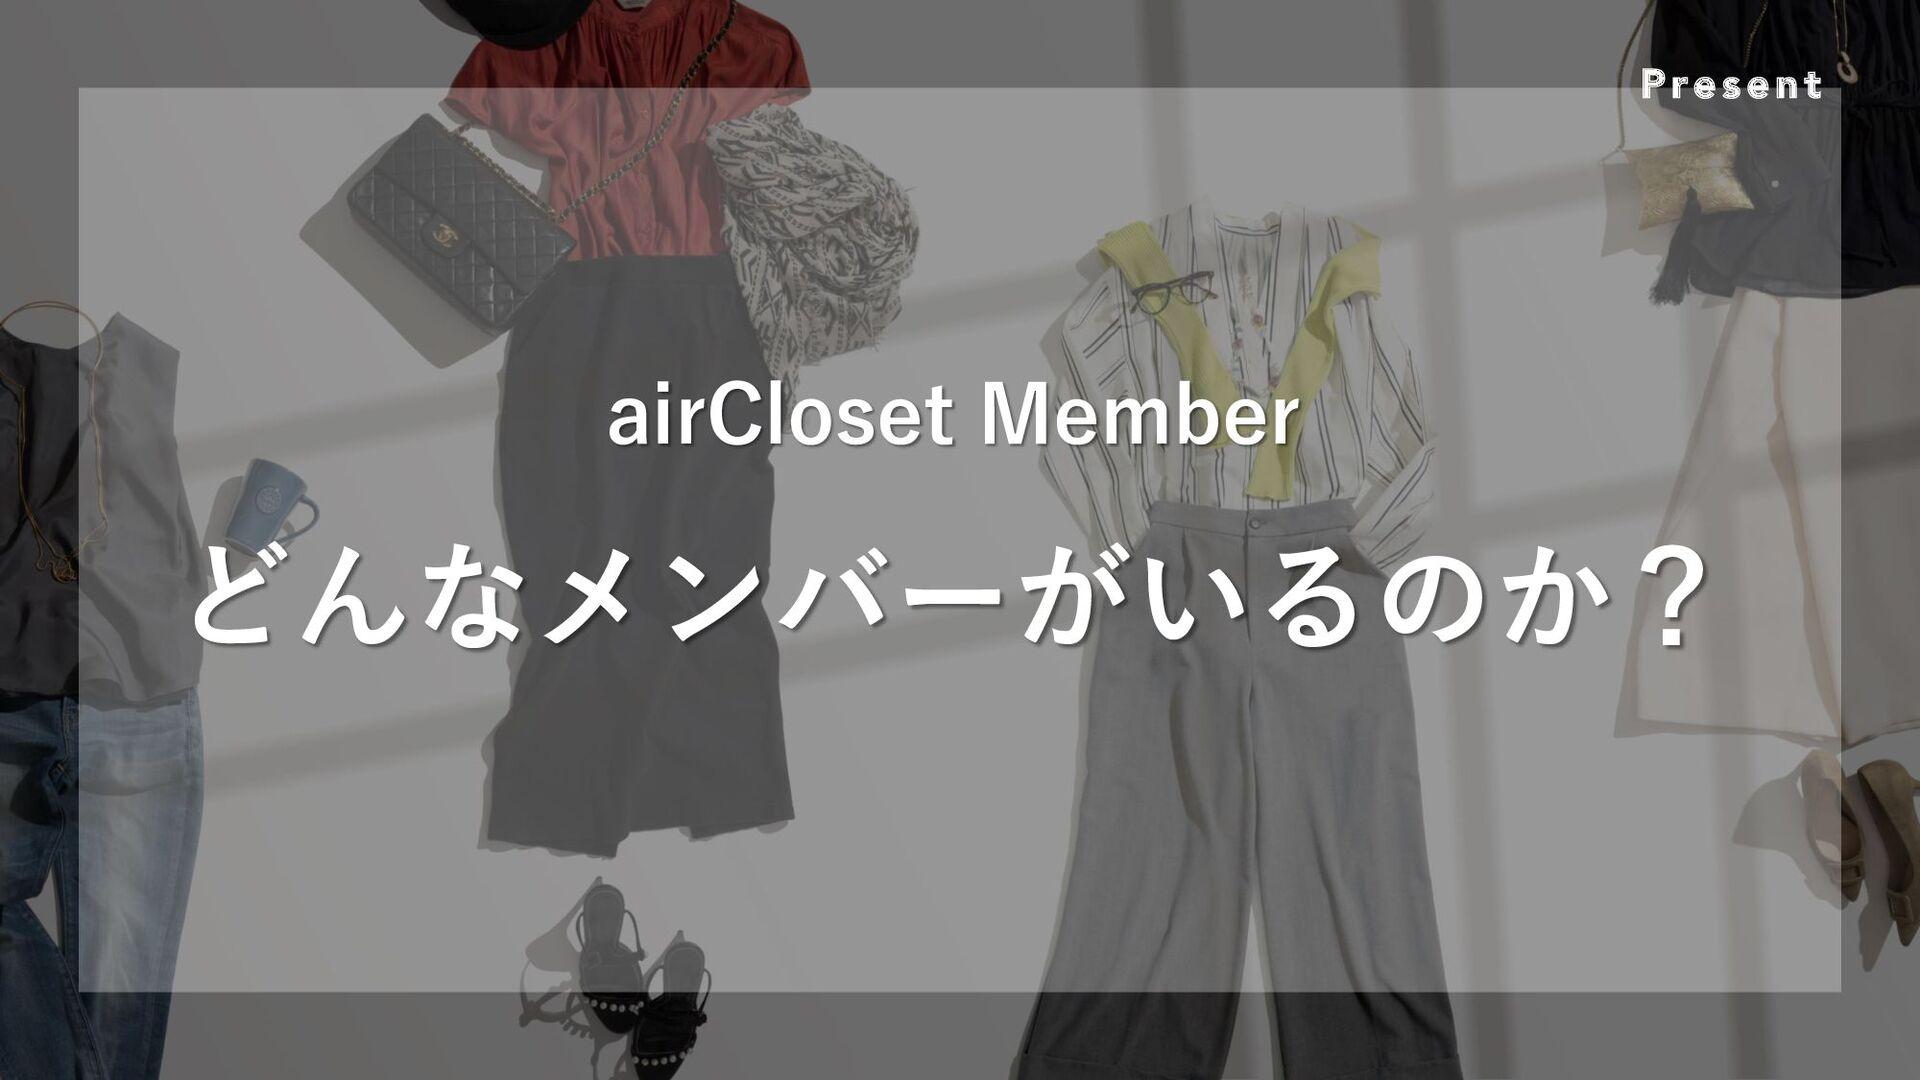 Present airCloset Member どんなメンバーがいるのか?